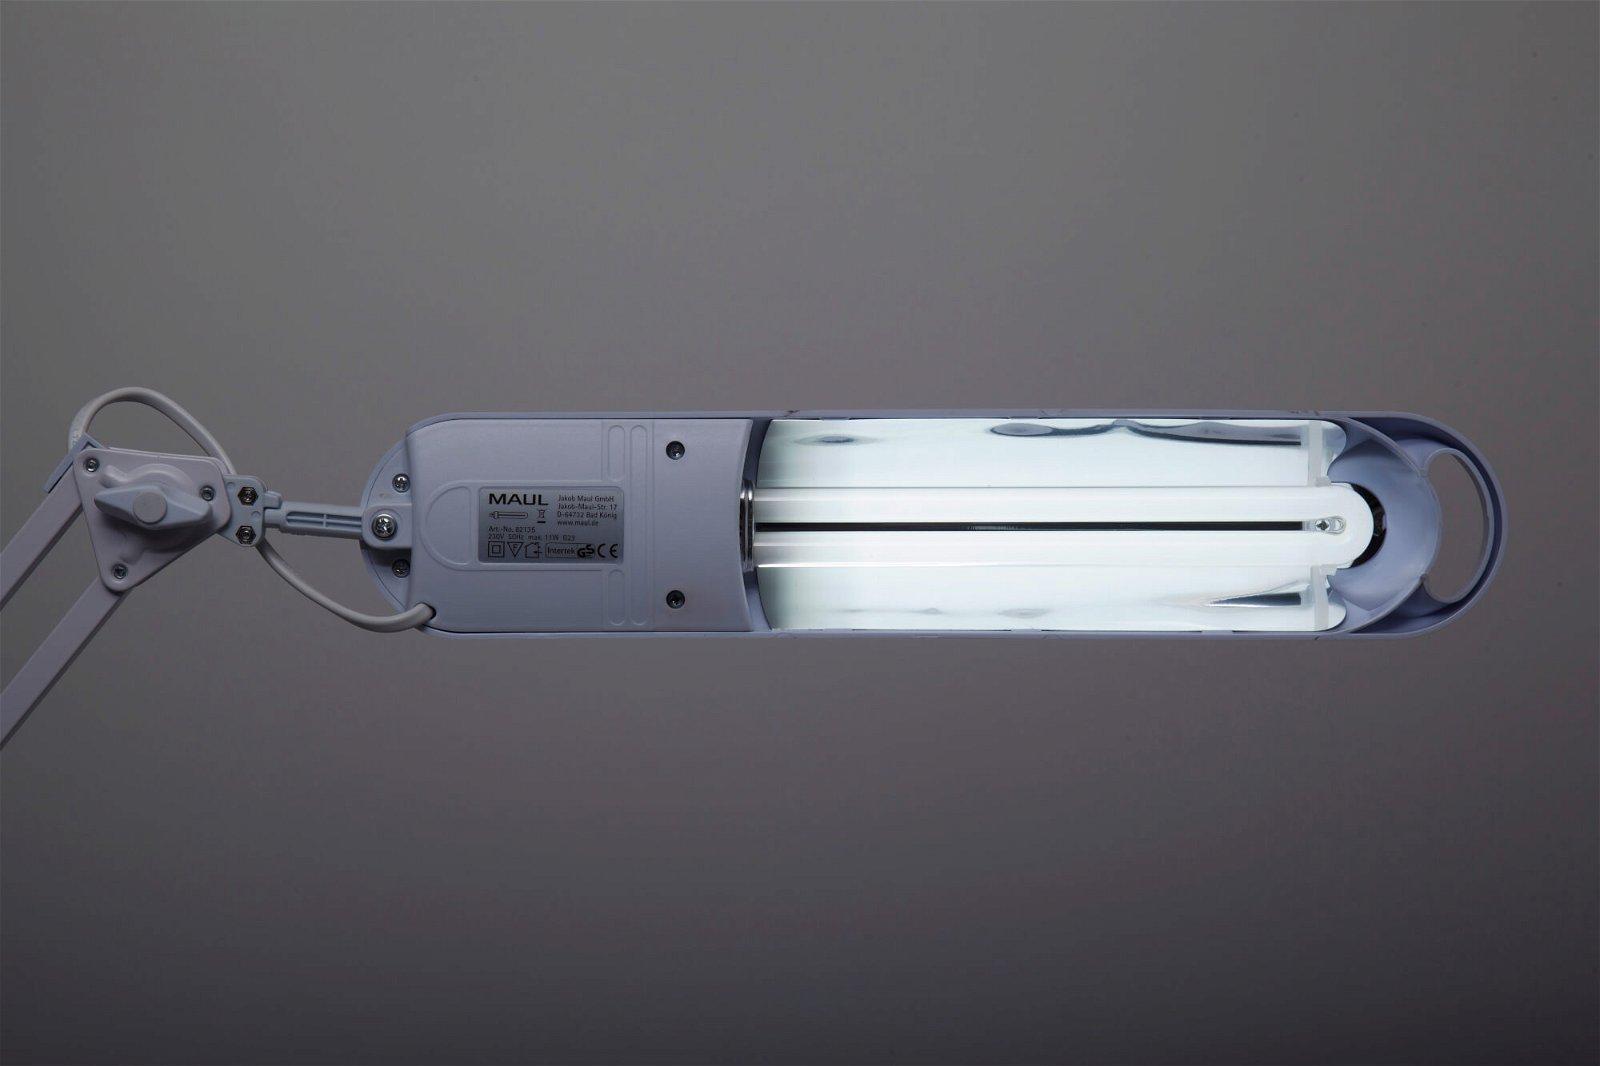 Energiespar-Tischleuchte MAULatlantic, mit Klemmfuß, weiß